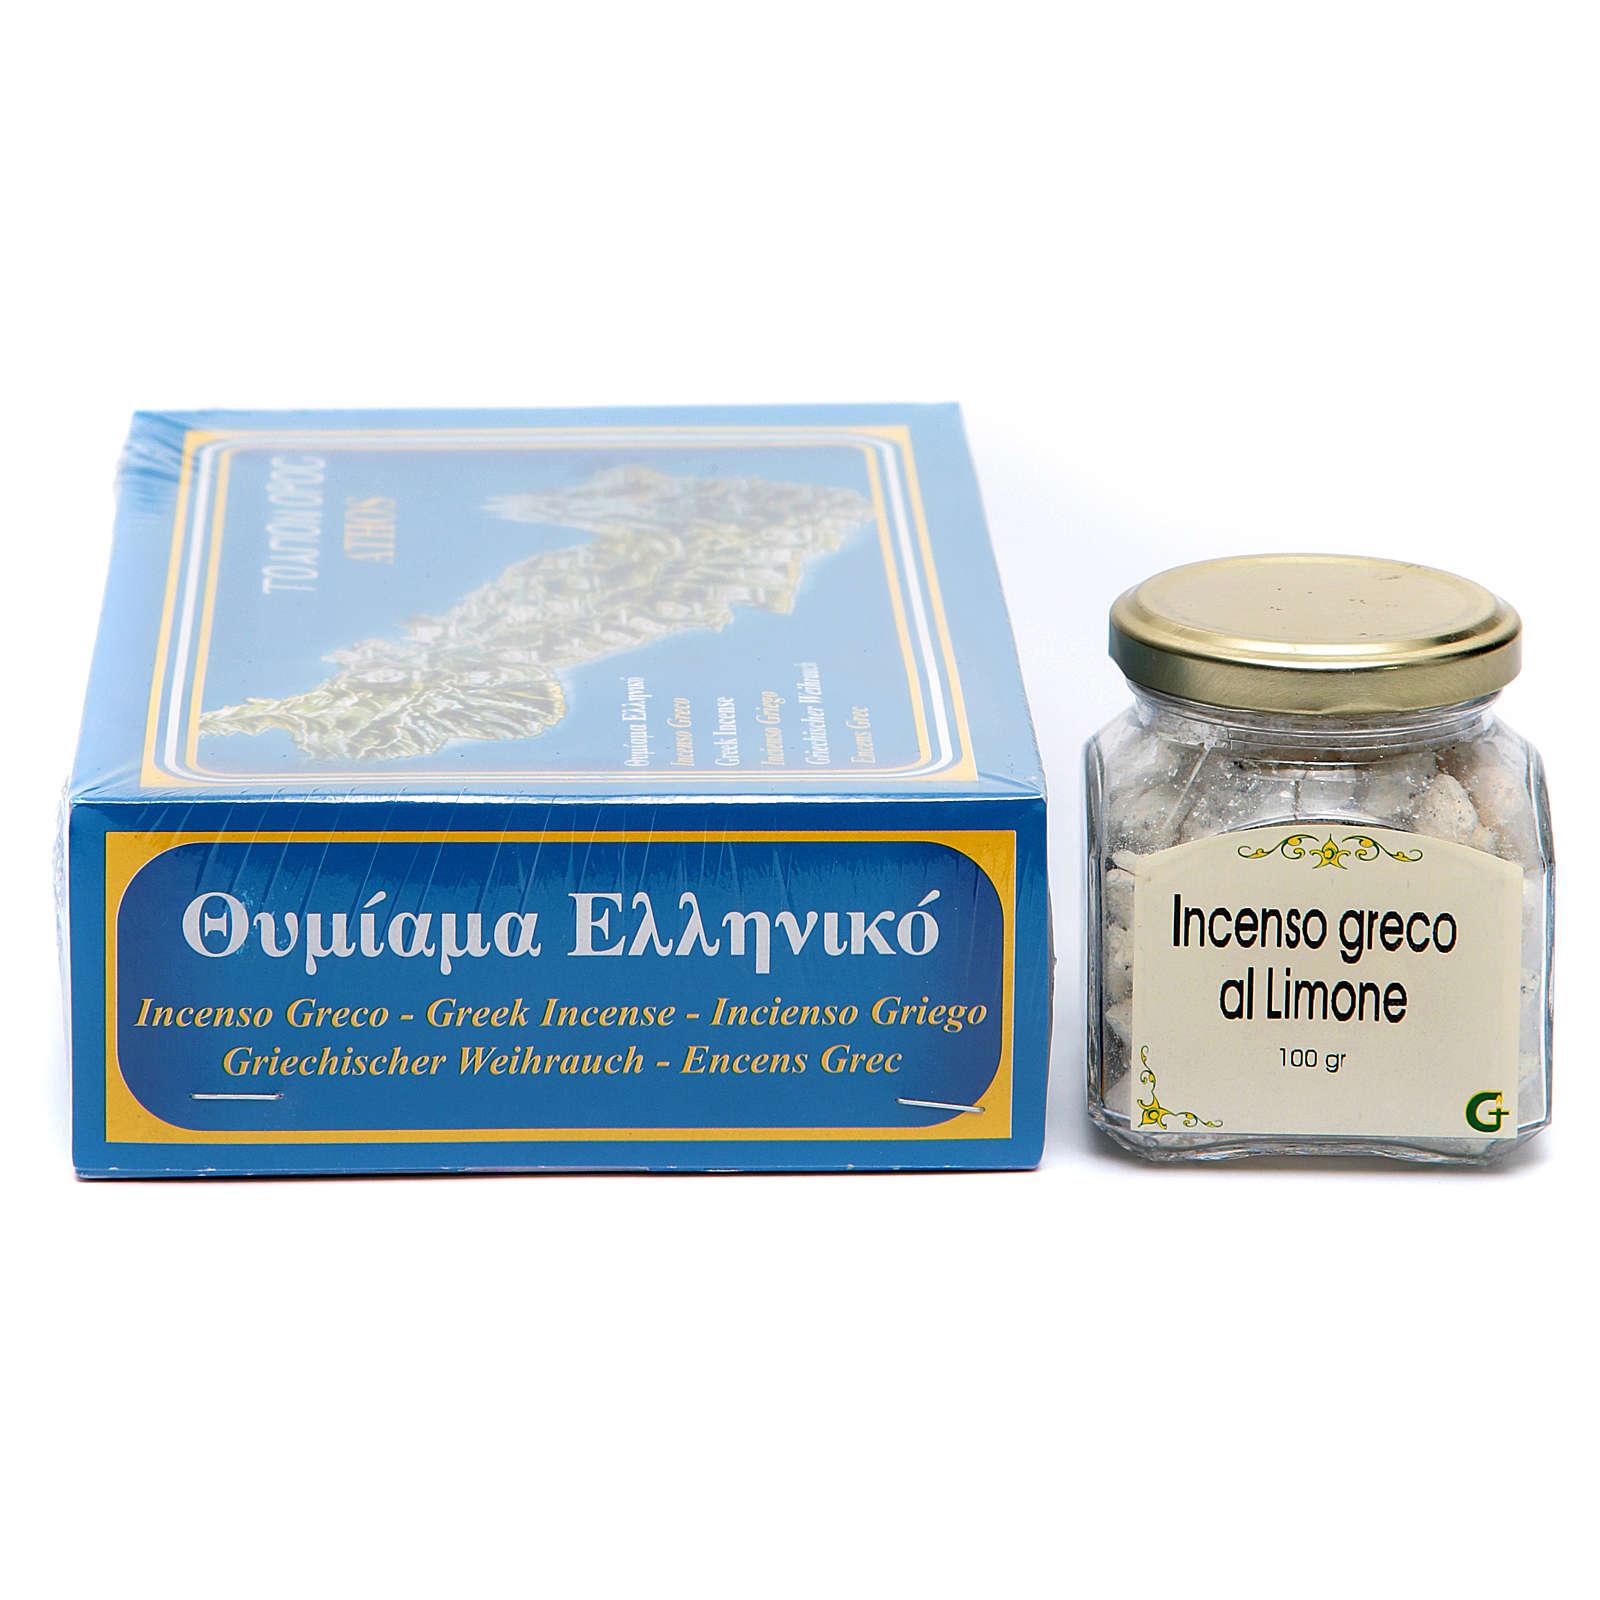 Incenso greco al limone 3